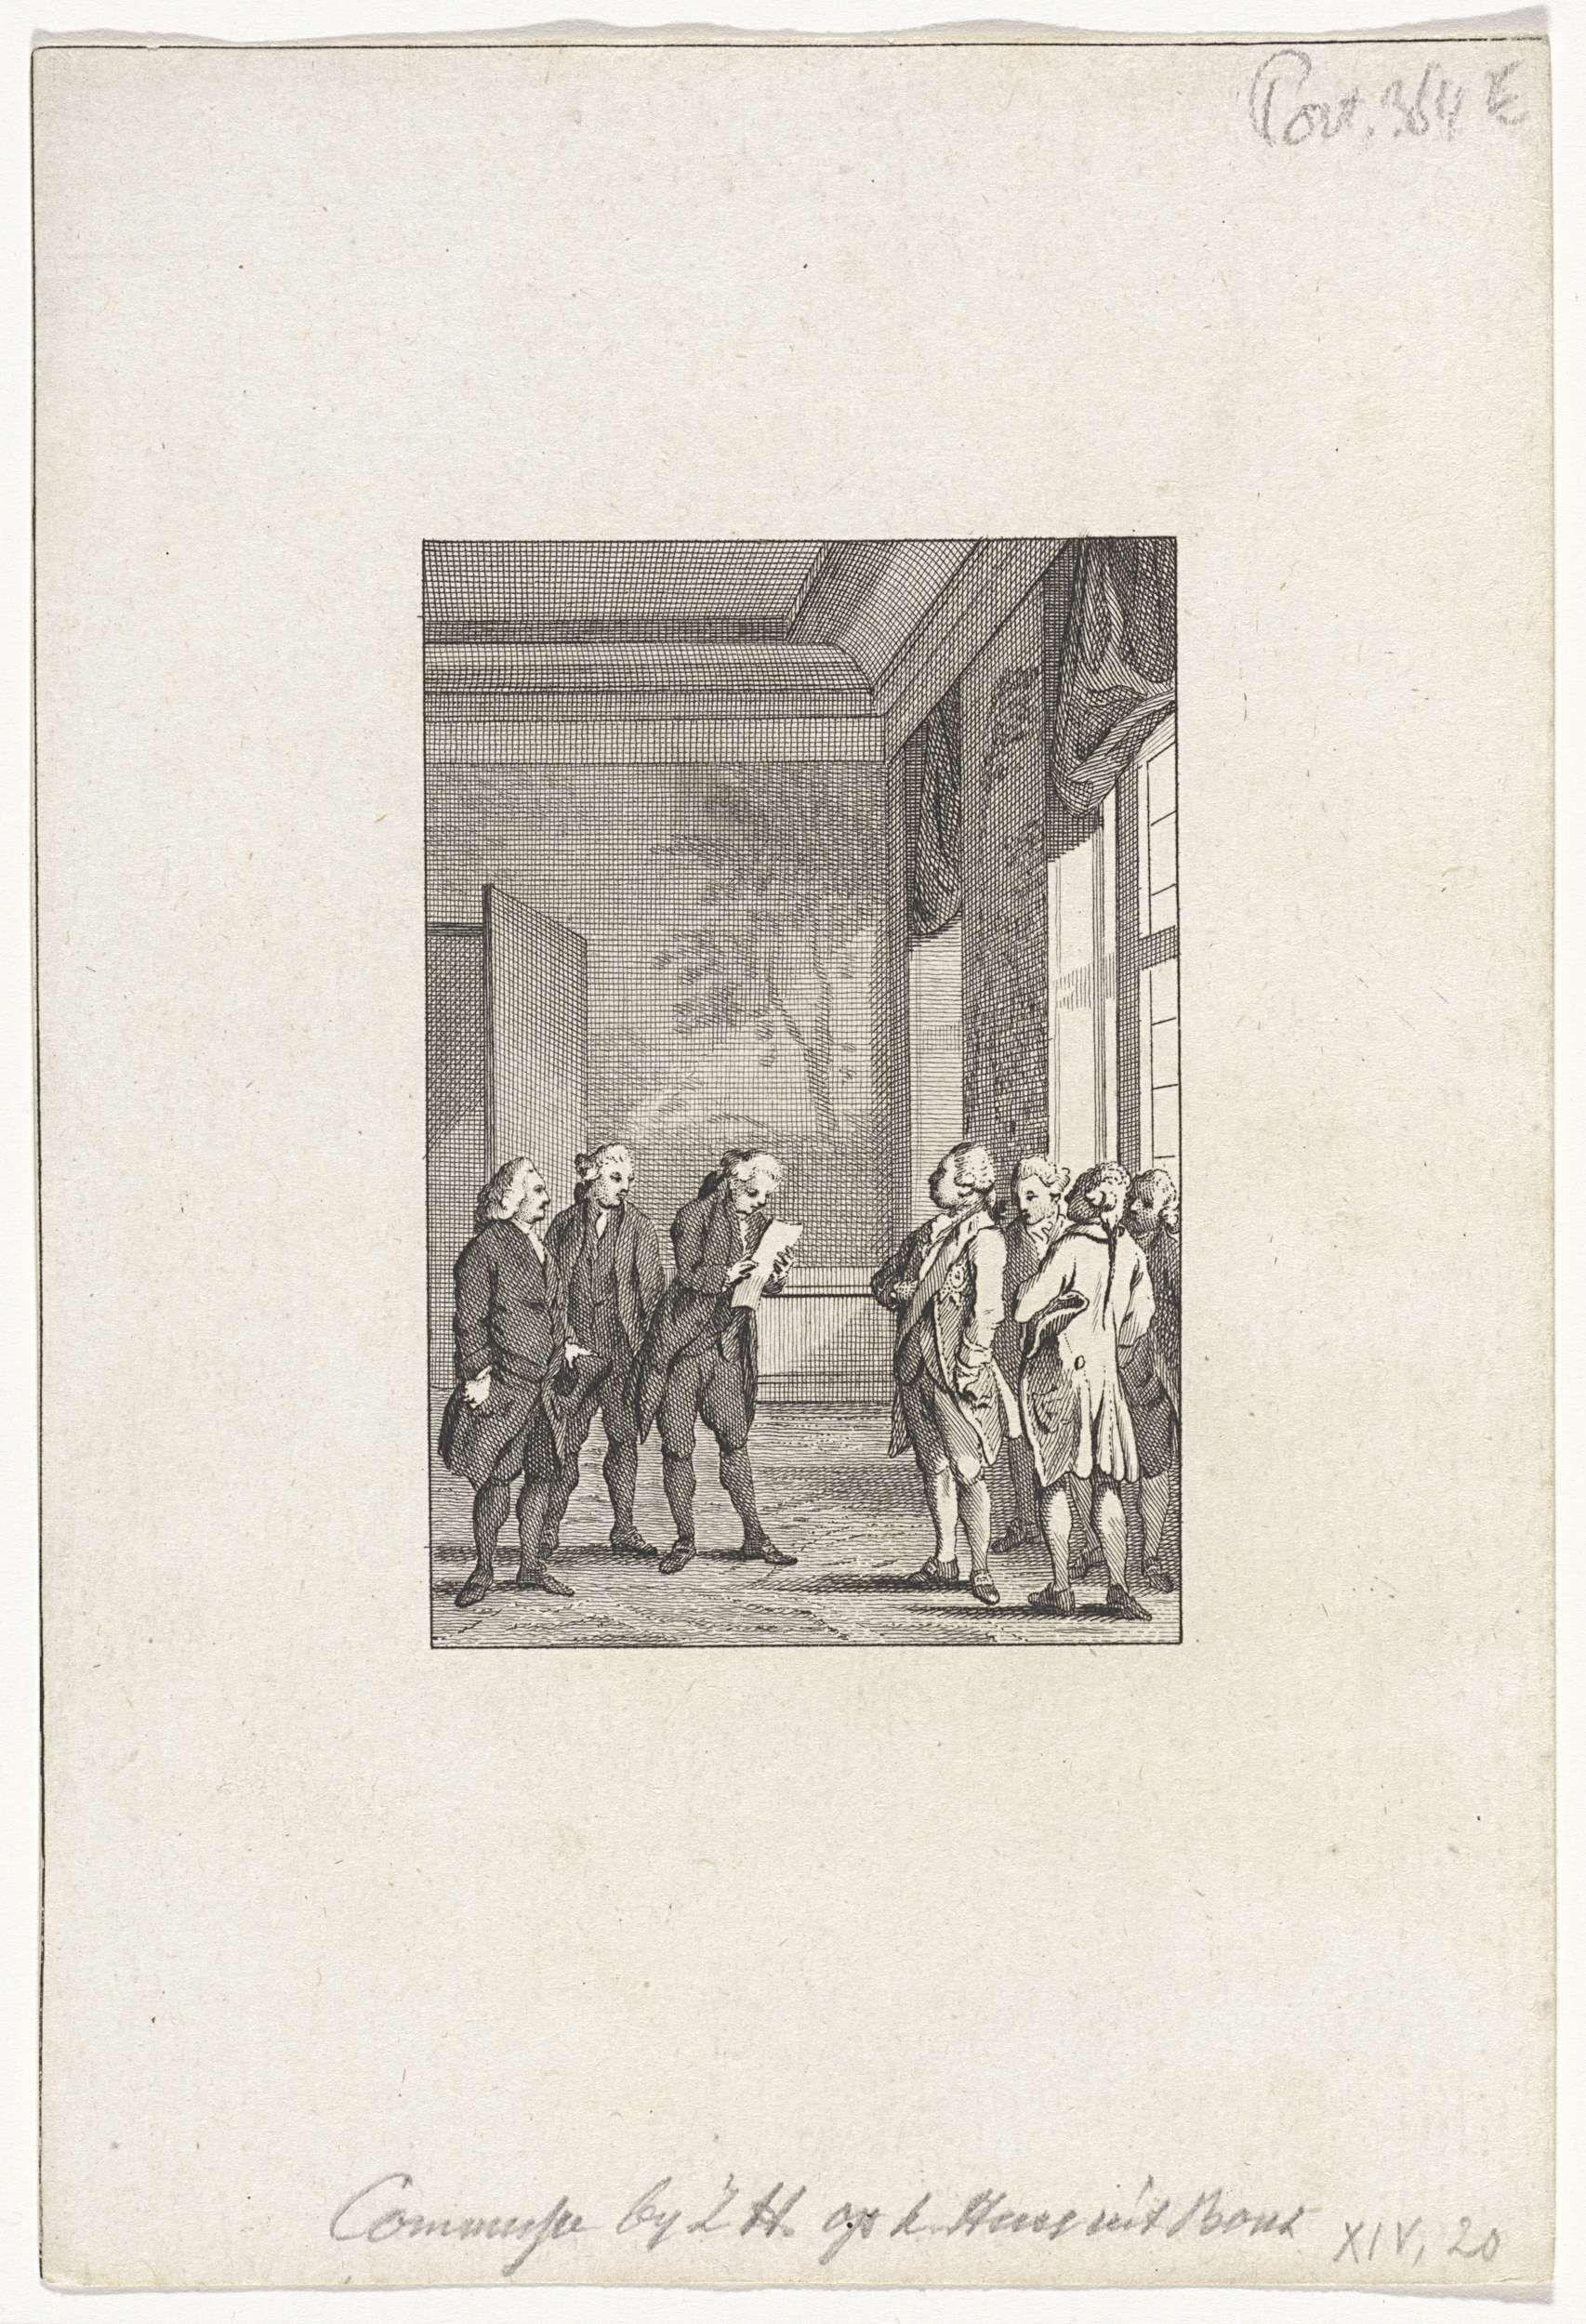 Reinier Vinkeles | Commissie bij de koning, 1781, Reinier Vinkeles, Cornelis Bogerts, Jacobus Buys |